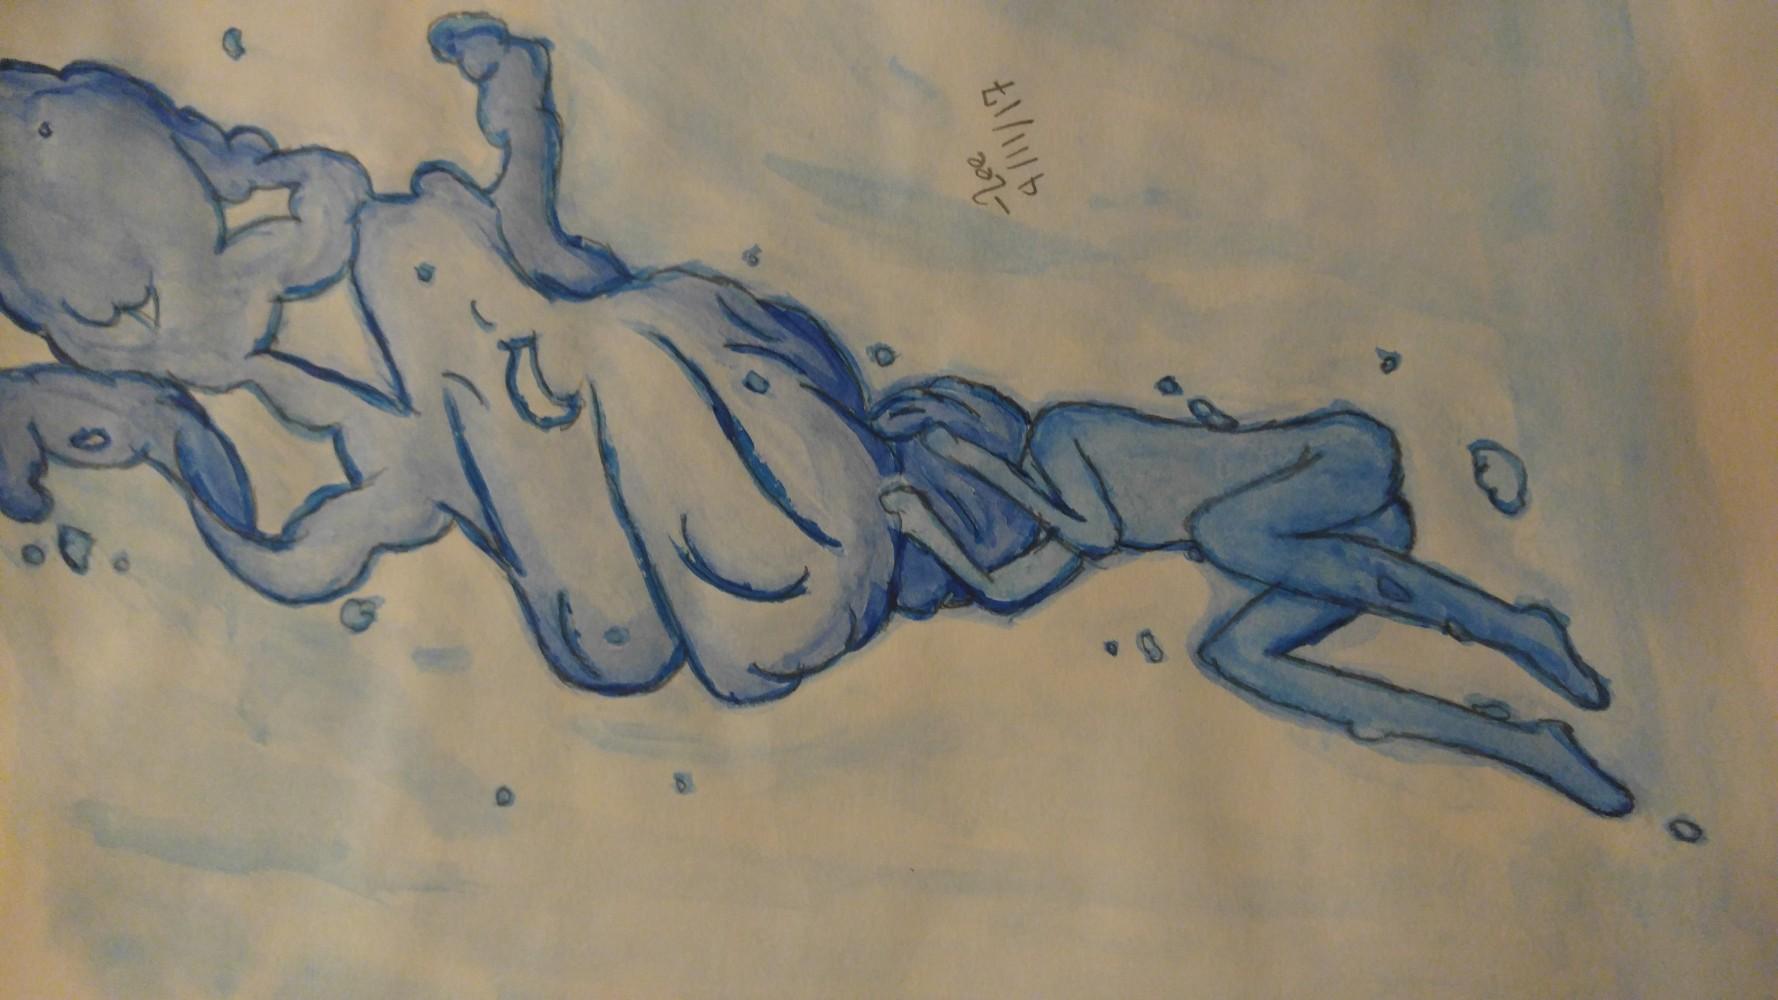 Drowning by Leeeee